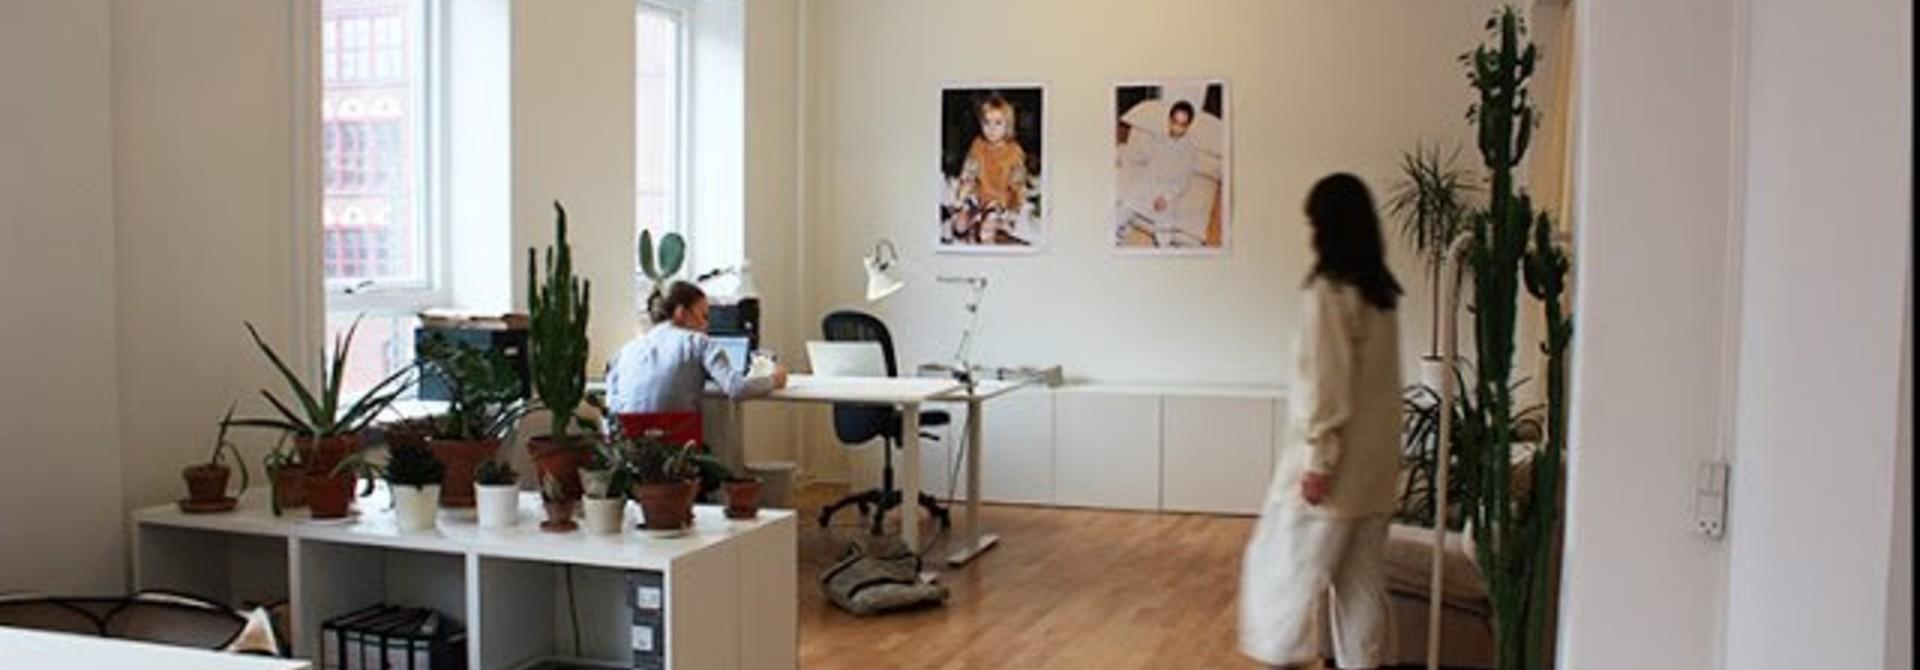 Interview met Peter op het hoofdkantoor van het duurzame kledingmerk POPUPSHOP